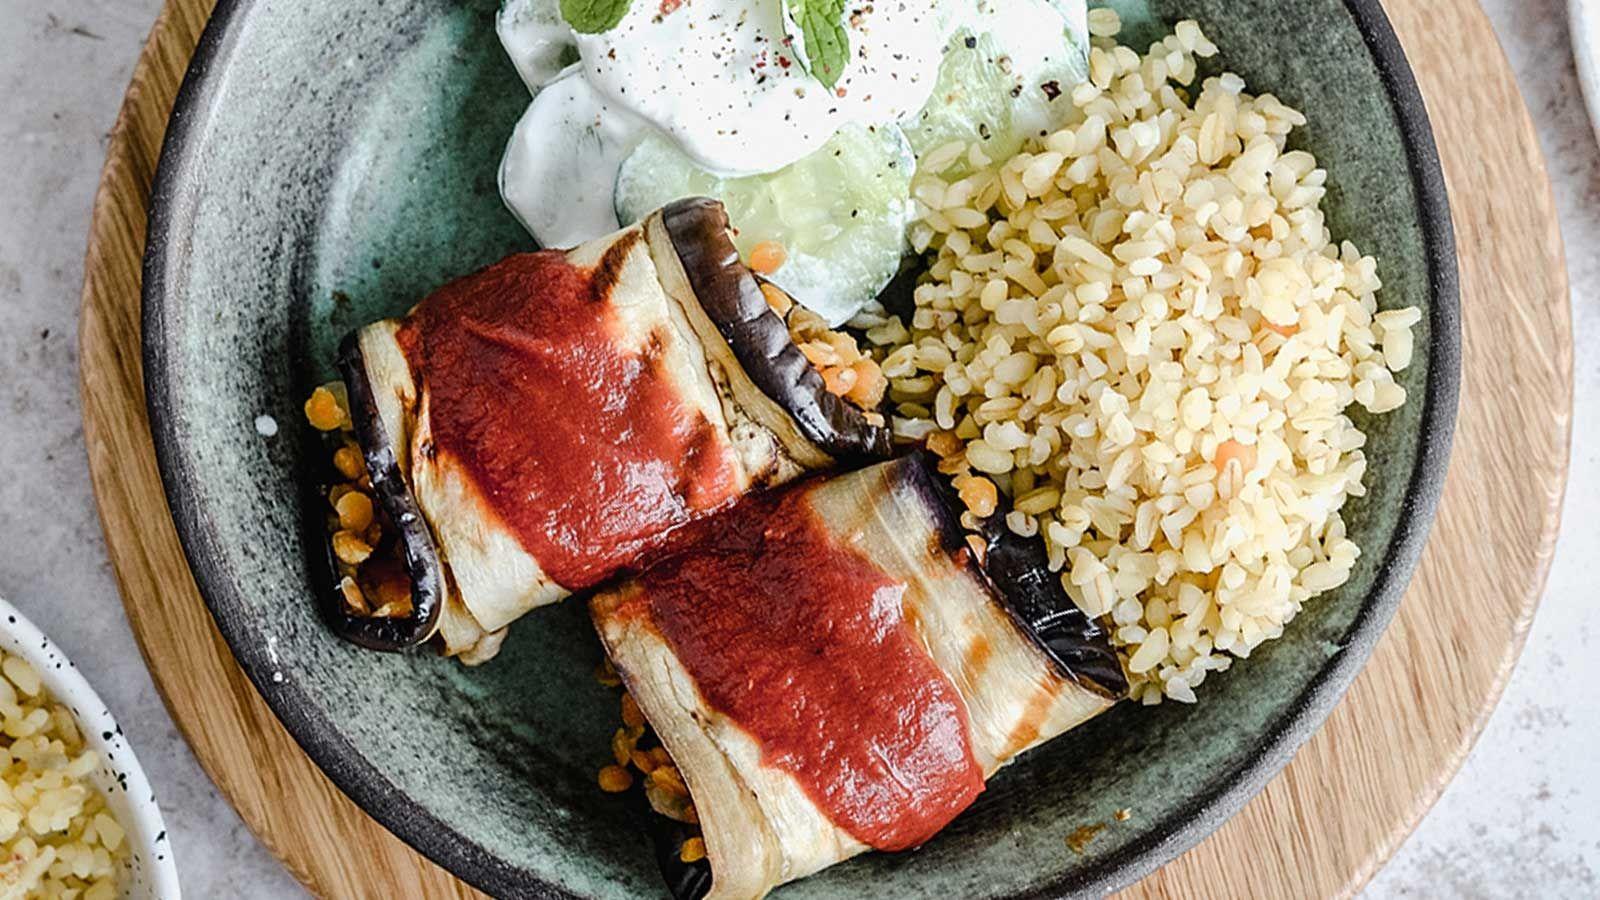 Wege gołąbki z grillowanego bakłażana i soczewicy, w sosie pomidorowym, podane z kaszą bulgur i sałatką z ogórka